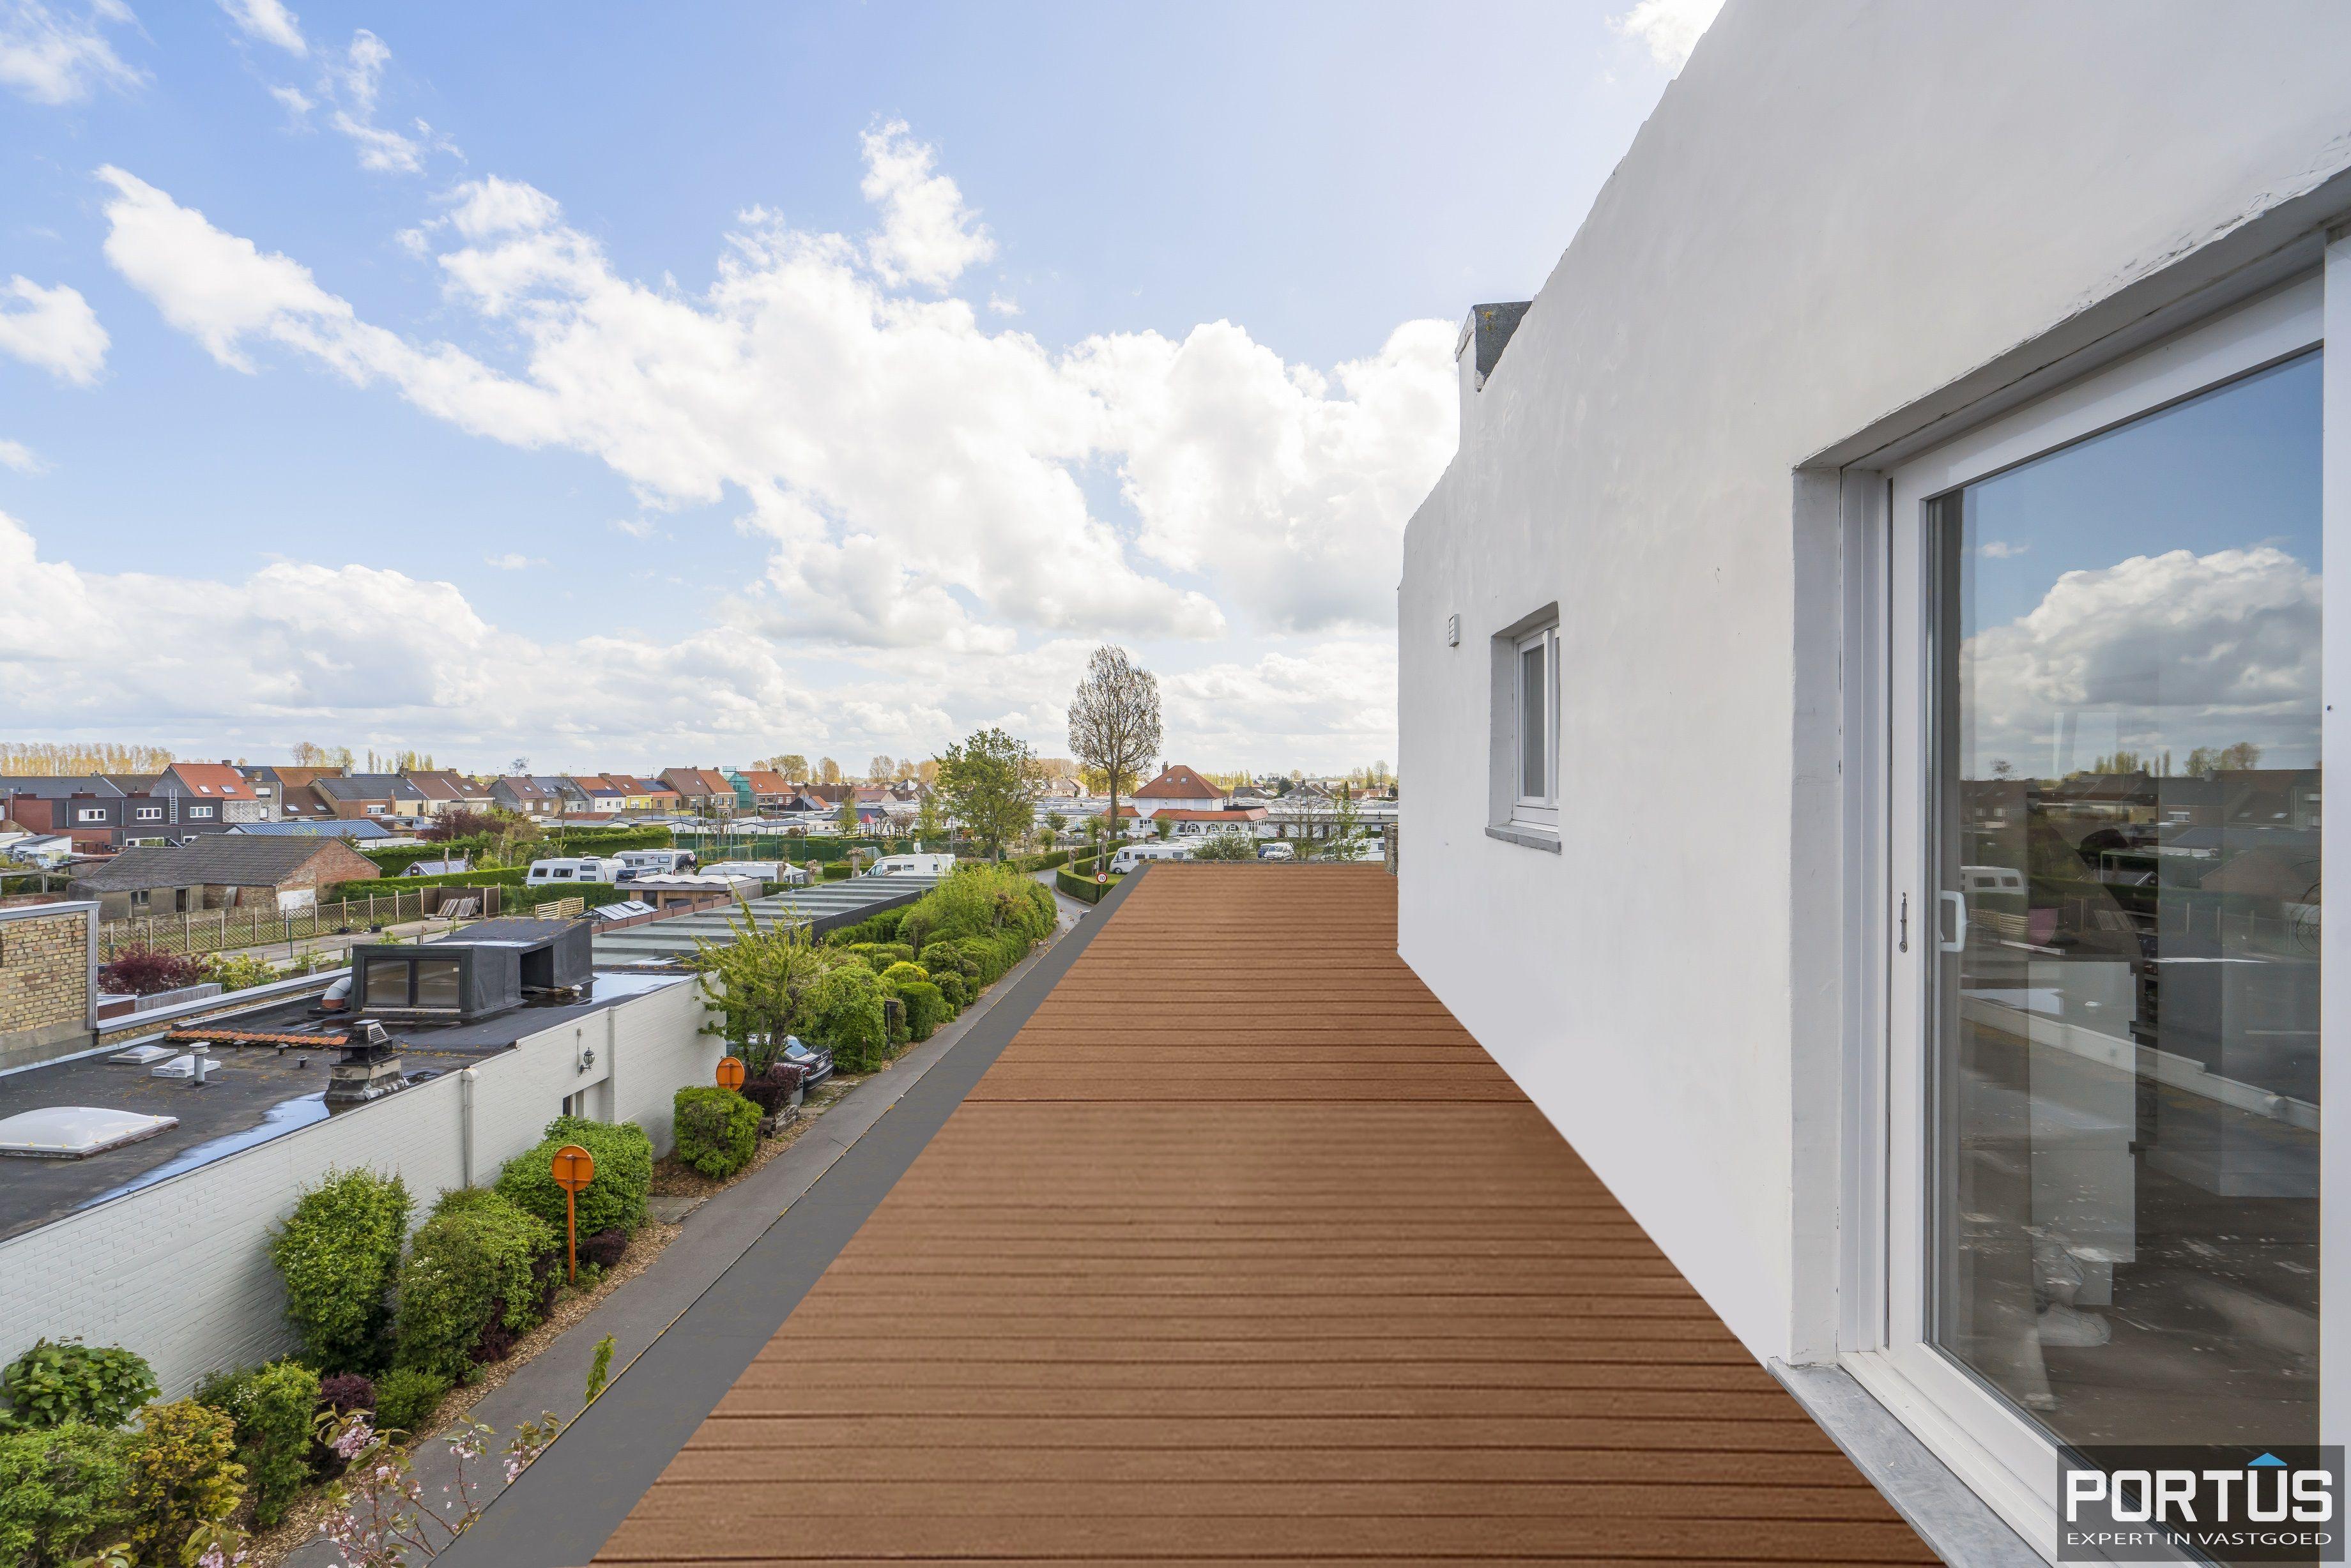 Appartement met 3 slaapkamers te koop te Westende - 13523